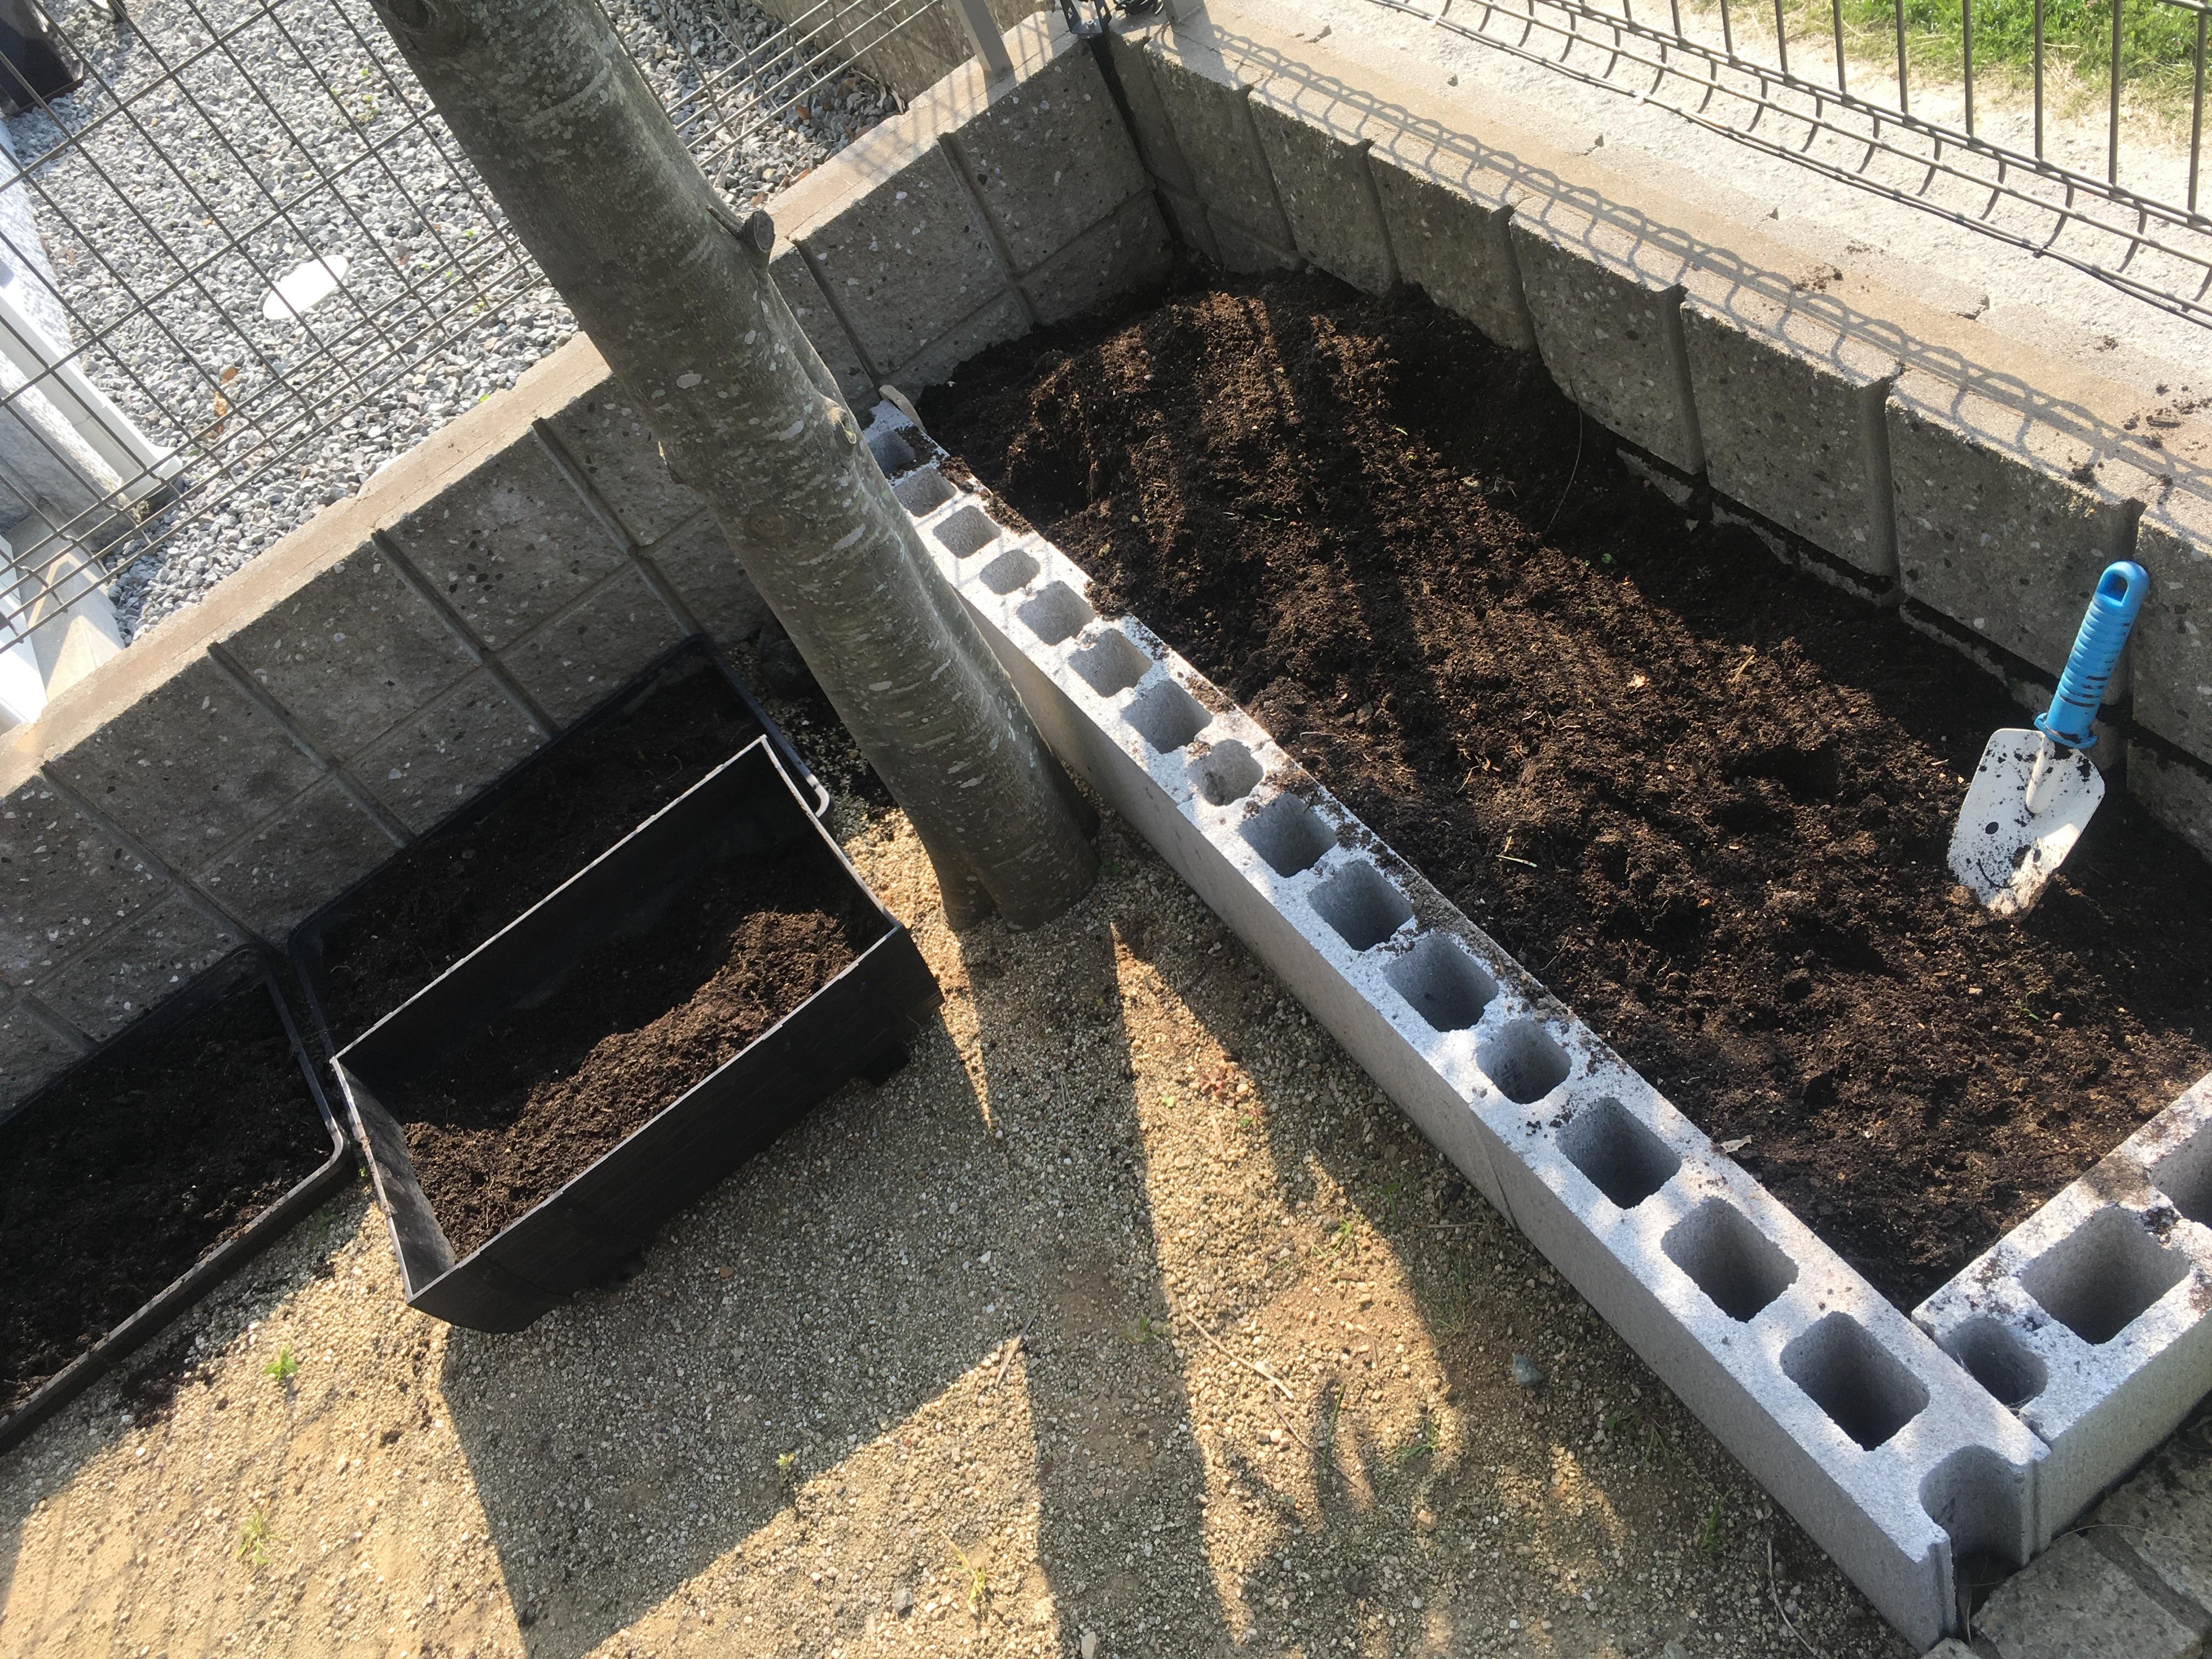 家庭菜園 土作り 耕す 省スペース菜園